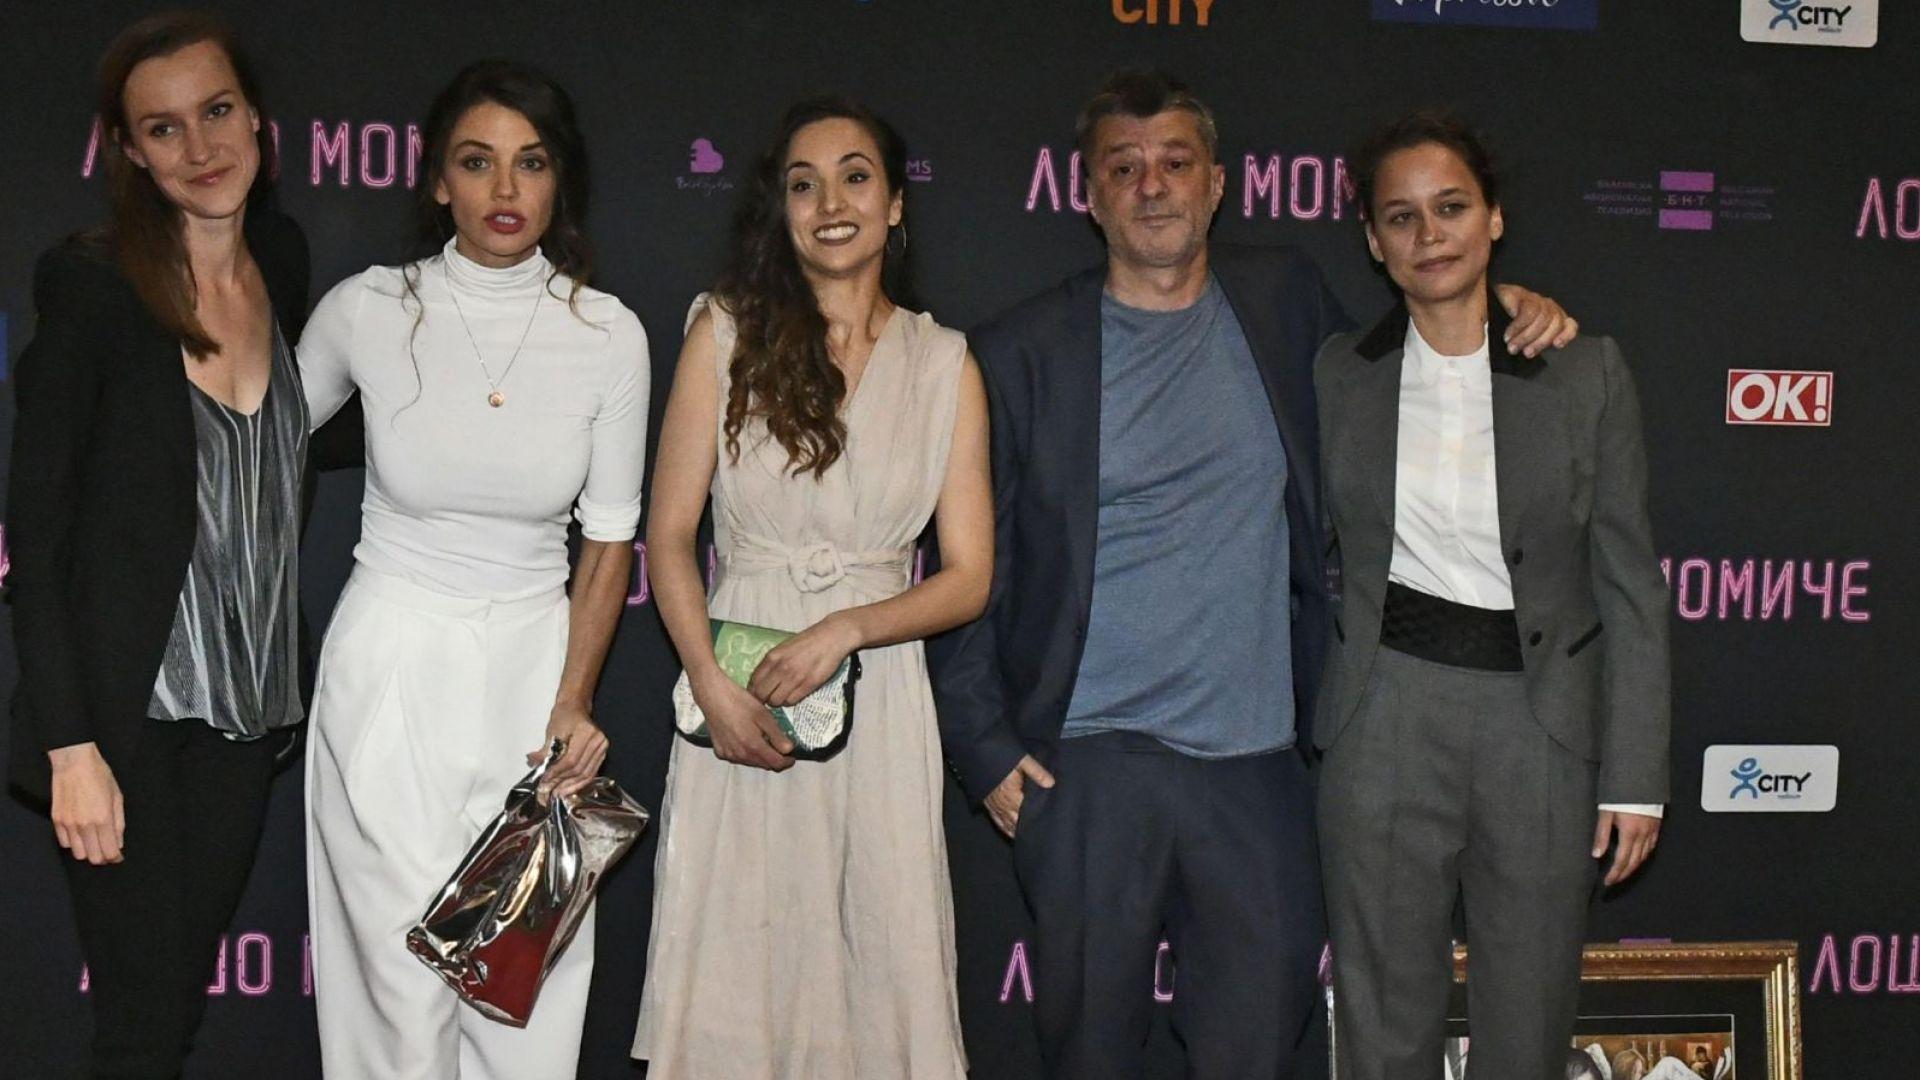 """Премиерата на """"Лошо момиче"""" събра знаменитостите за юбилея на Мариан Вълев"""